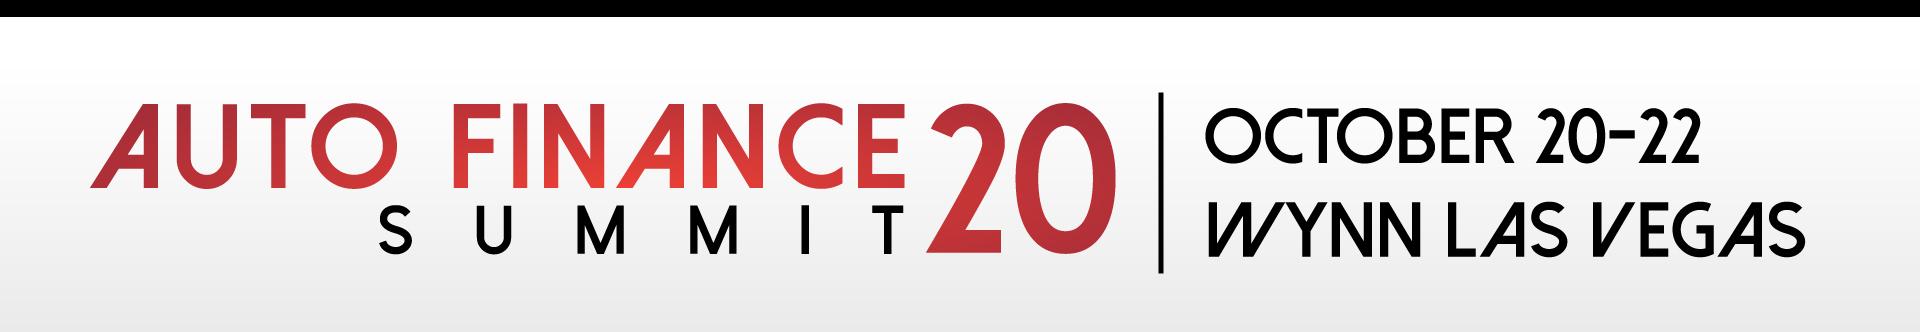 Auto Finance Summit 2020